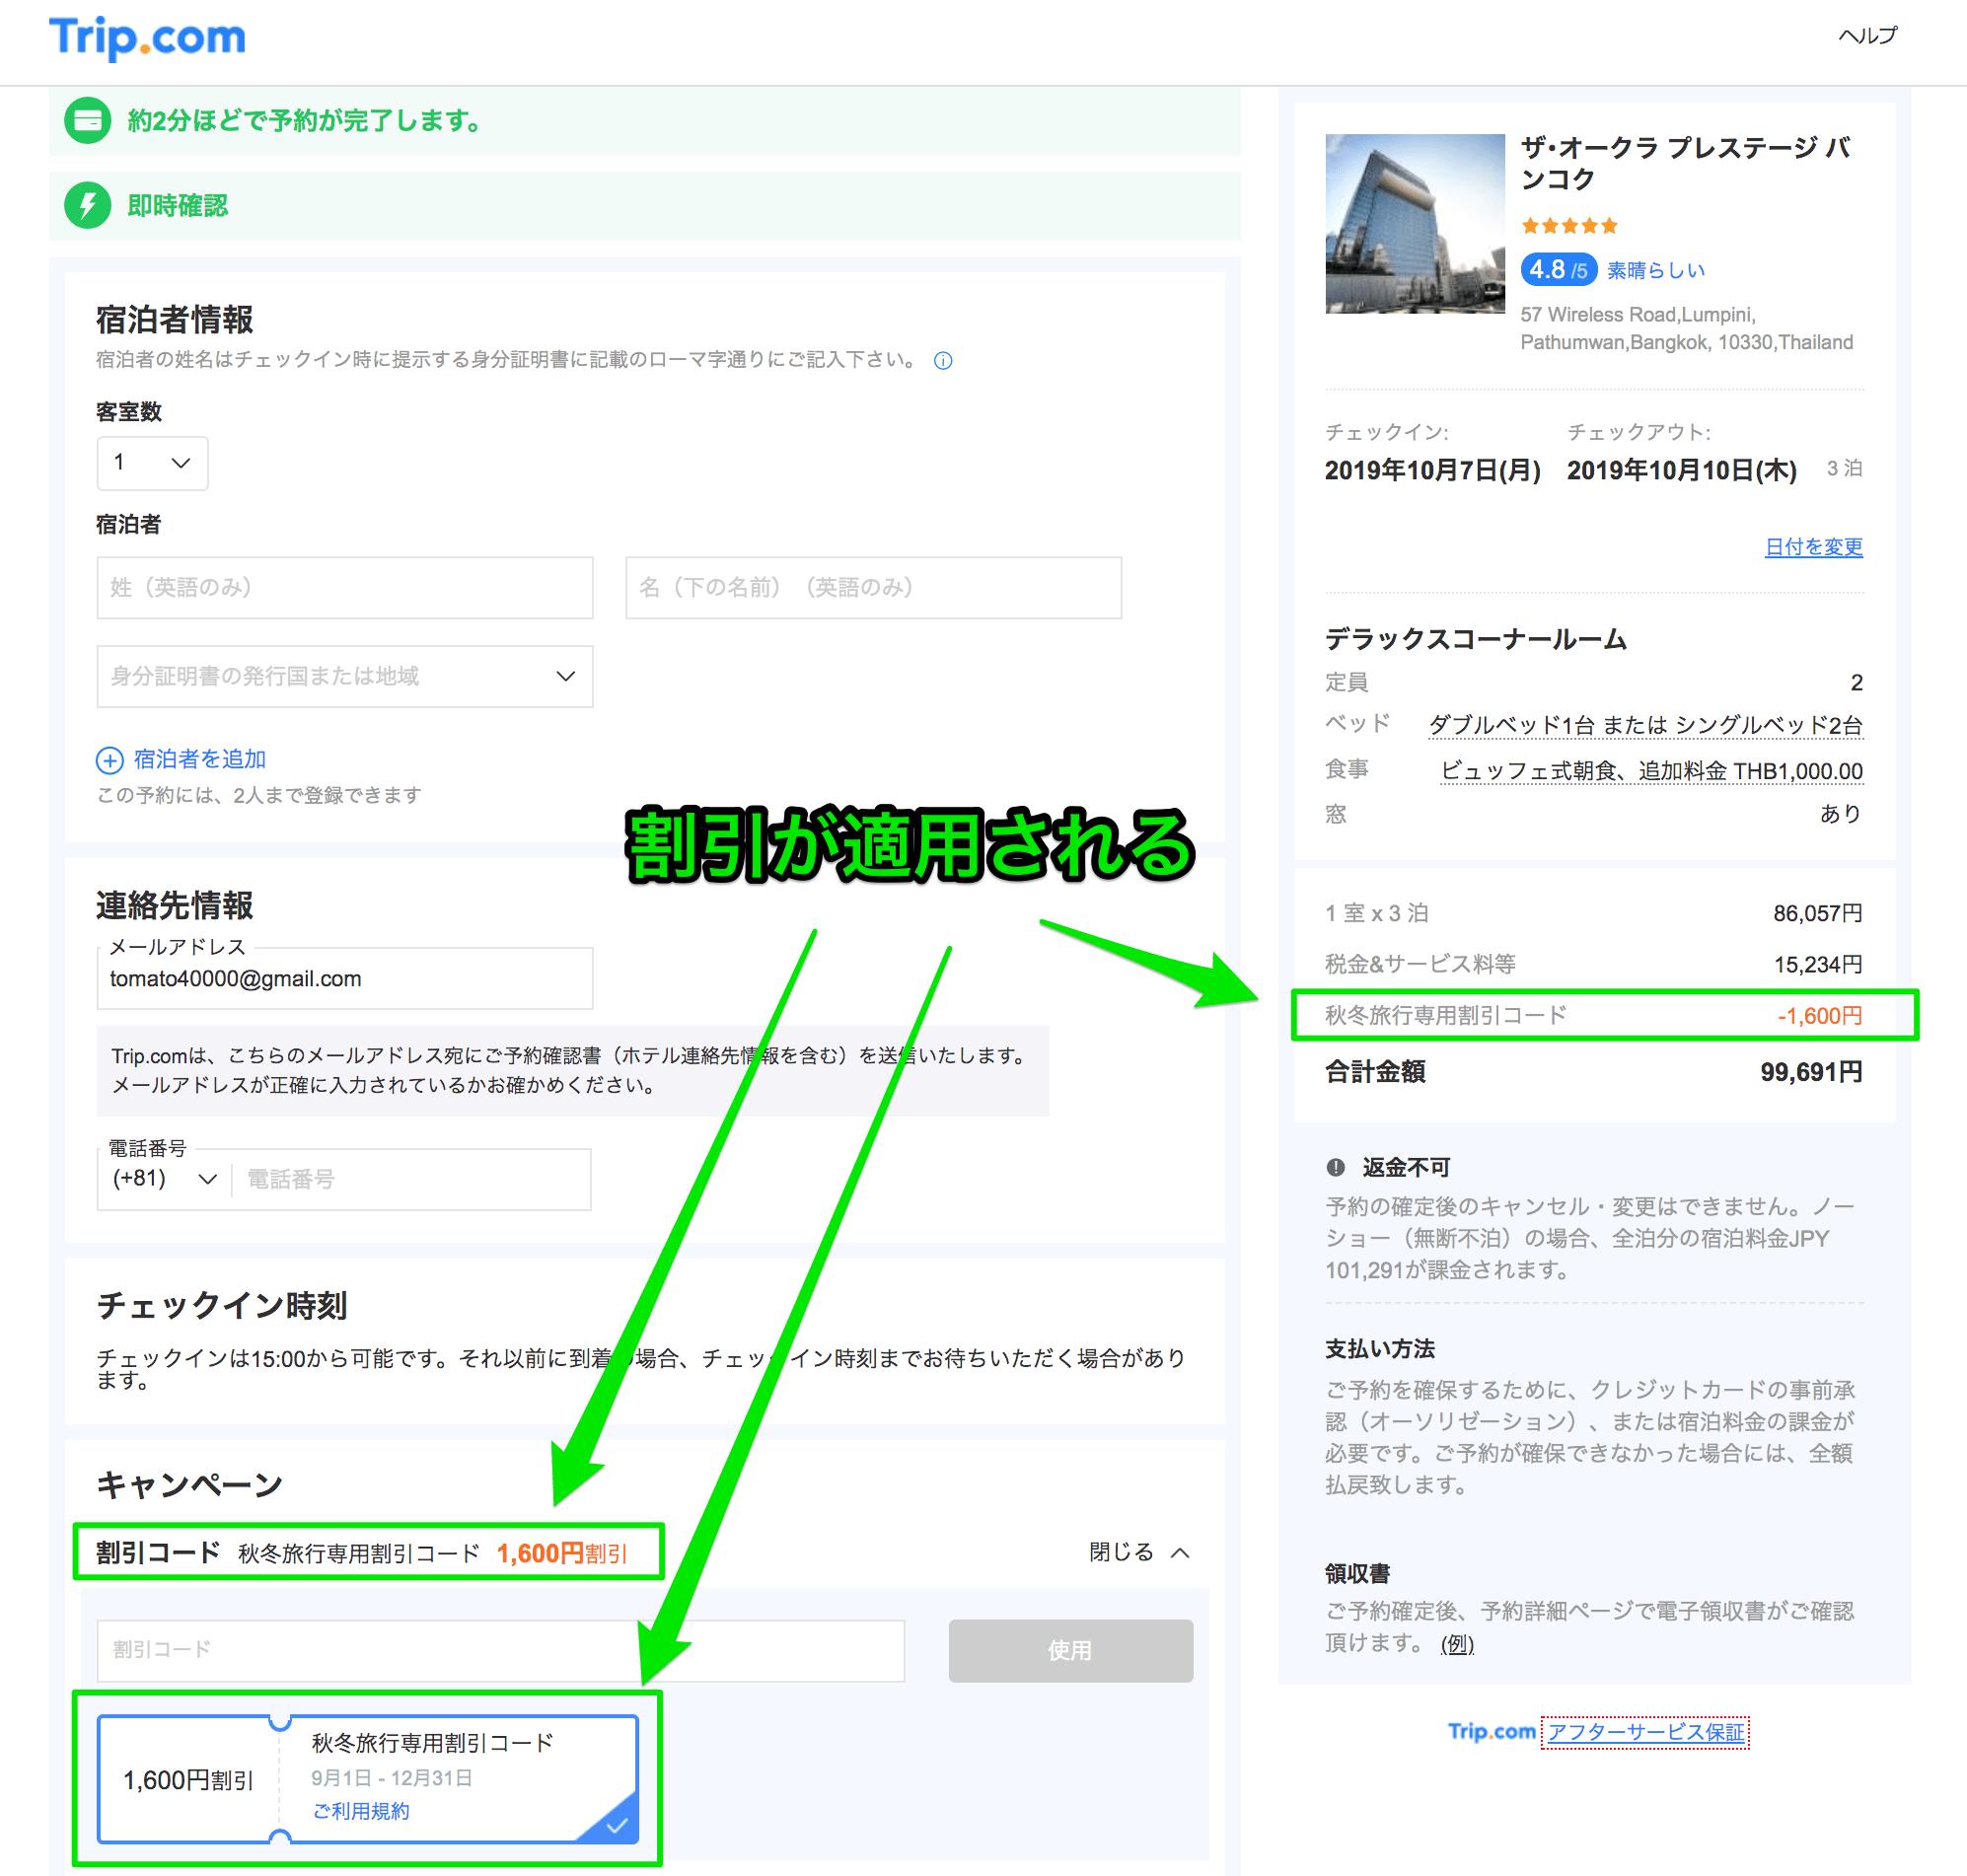 Trip.comの割引後の価格